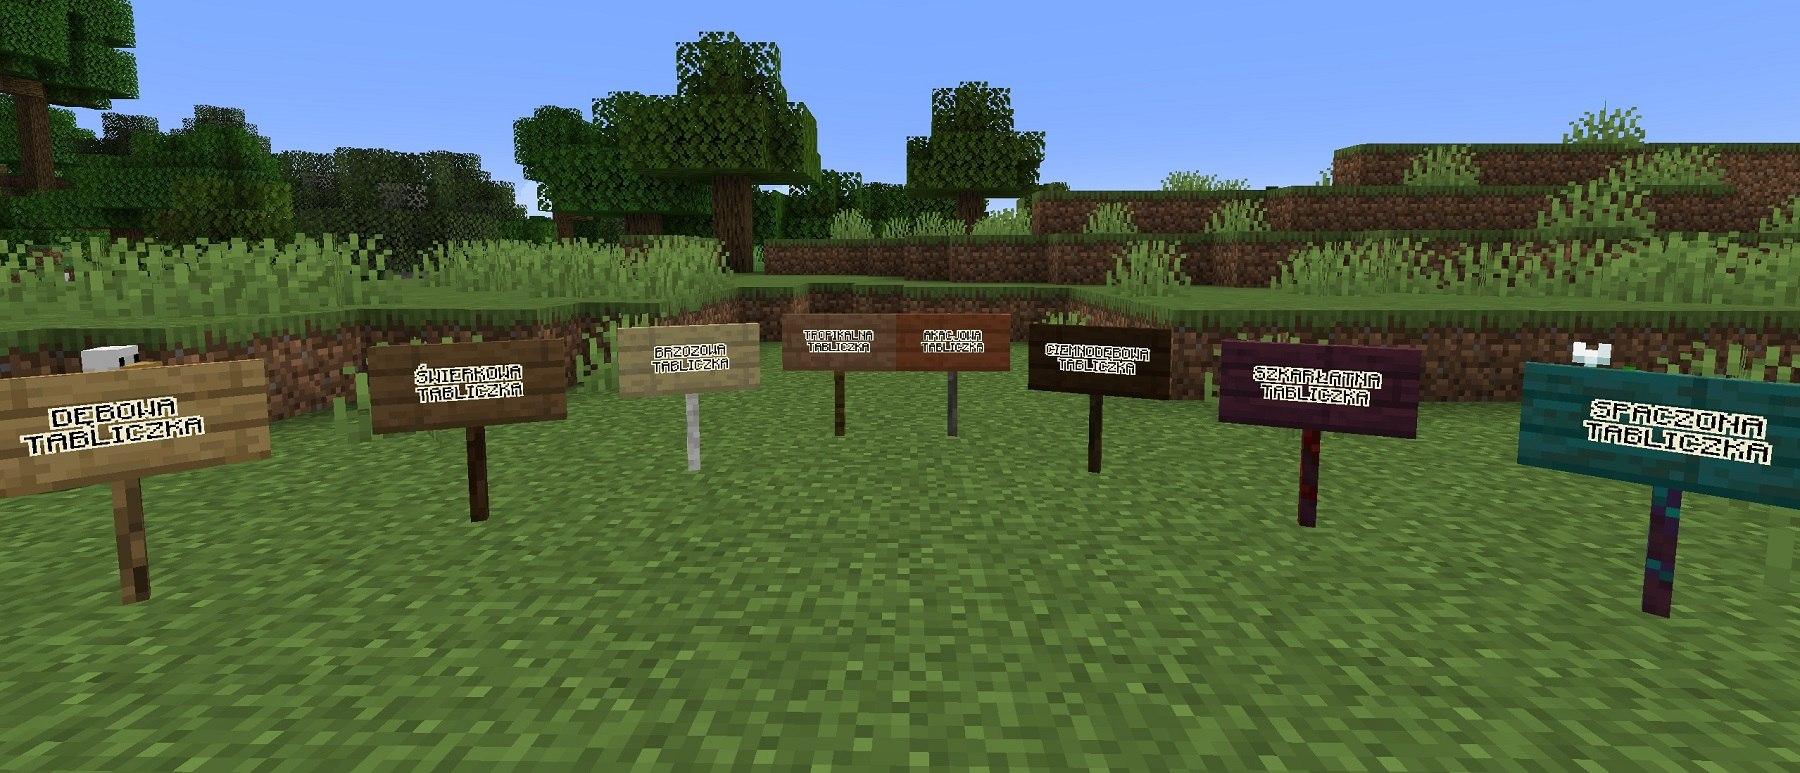 tabliczki sign minecraft wszystkie 8 rodzai tabliczek z drewna